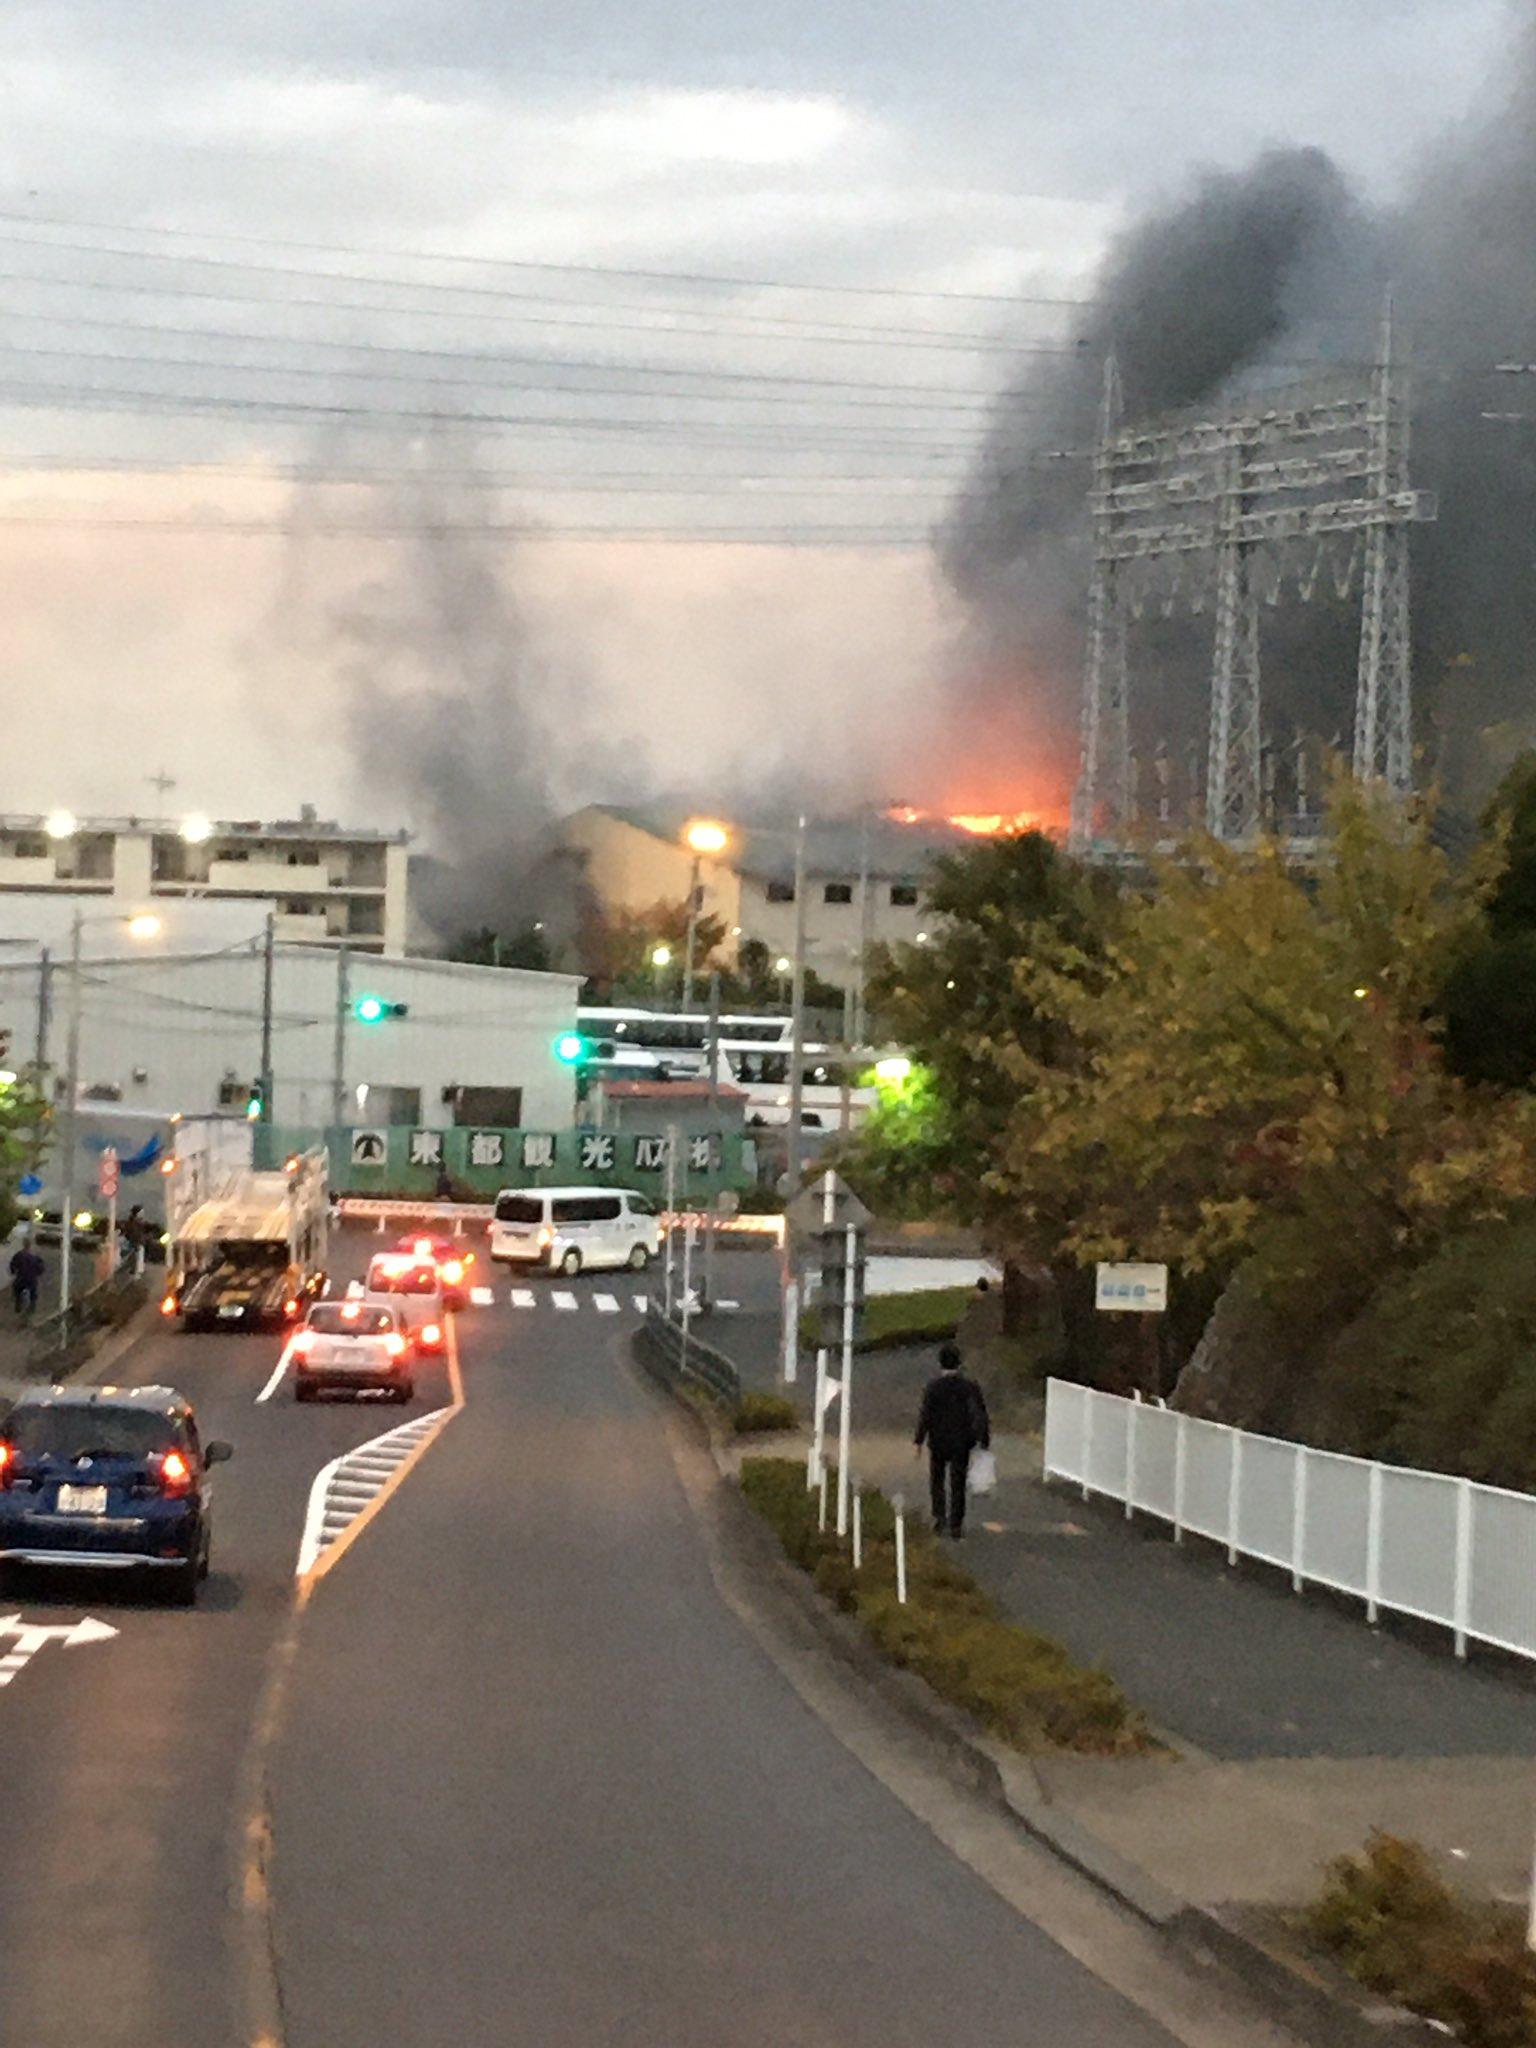 板橋区舟渡で火事が起きている現場の画像